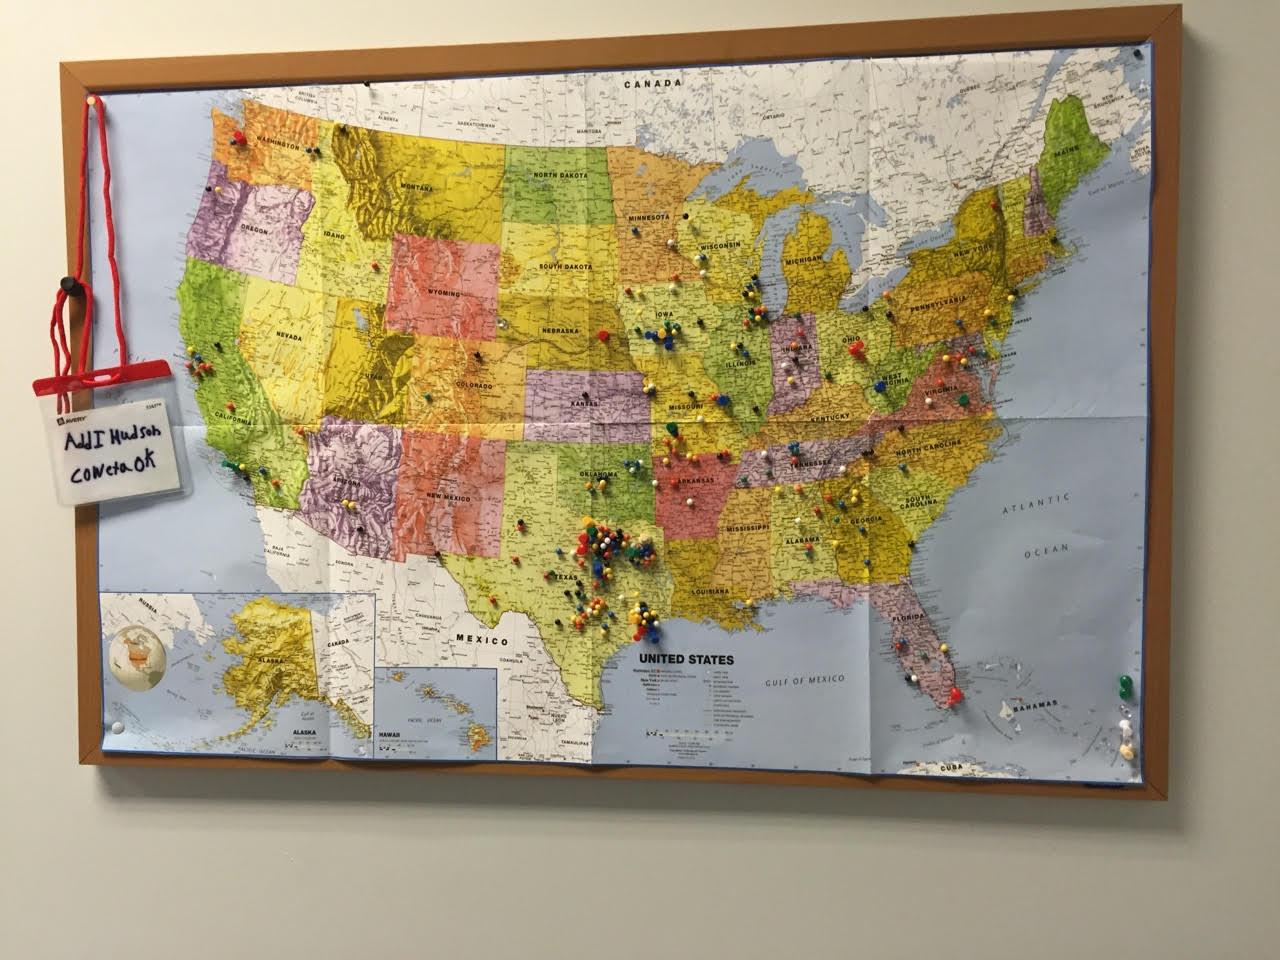 Cruz Campaign Map